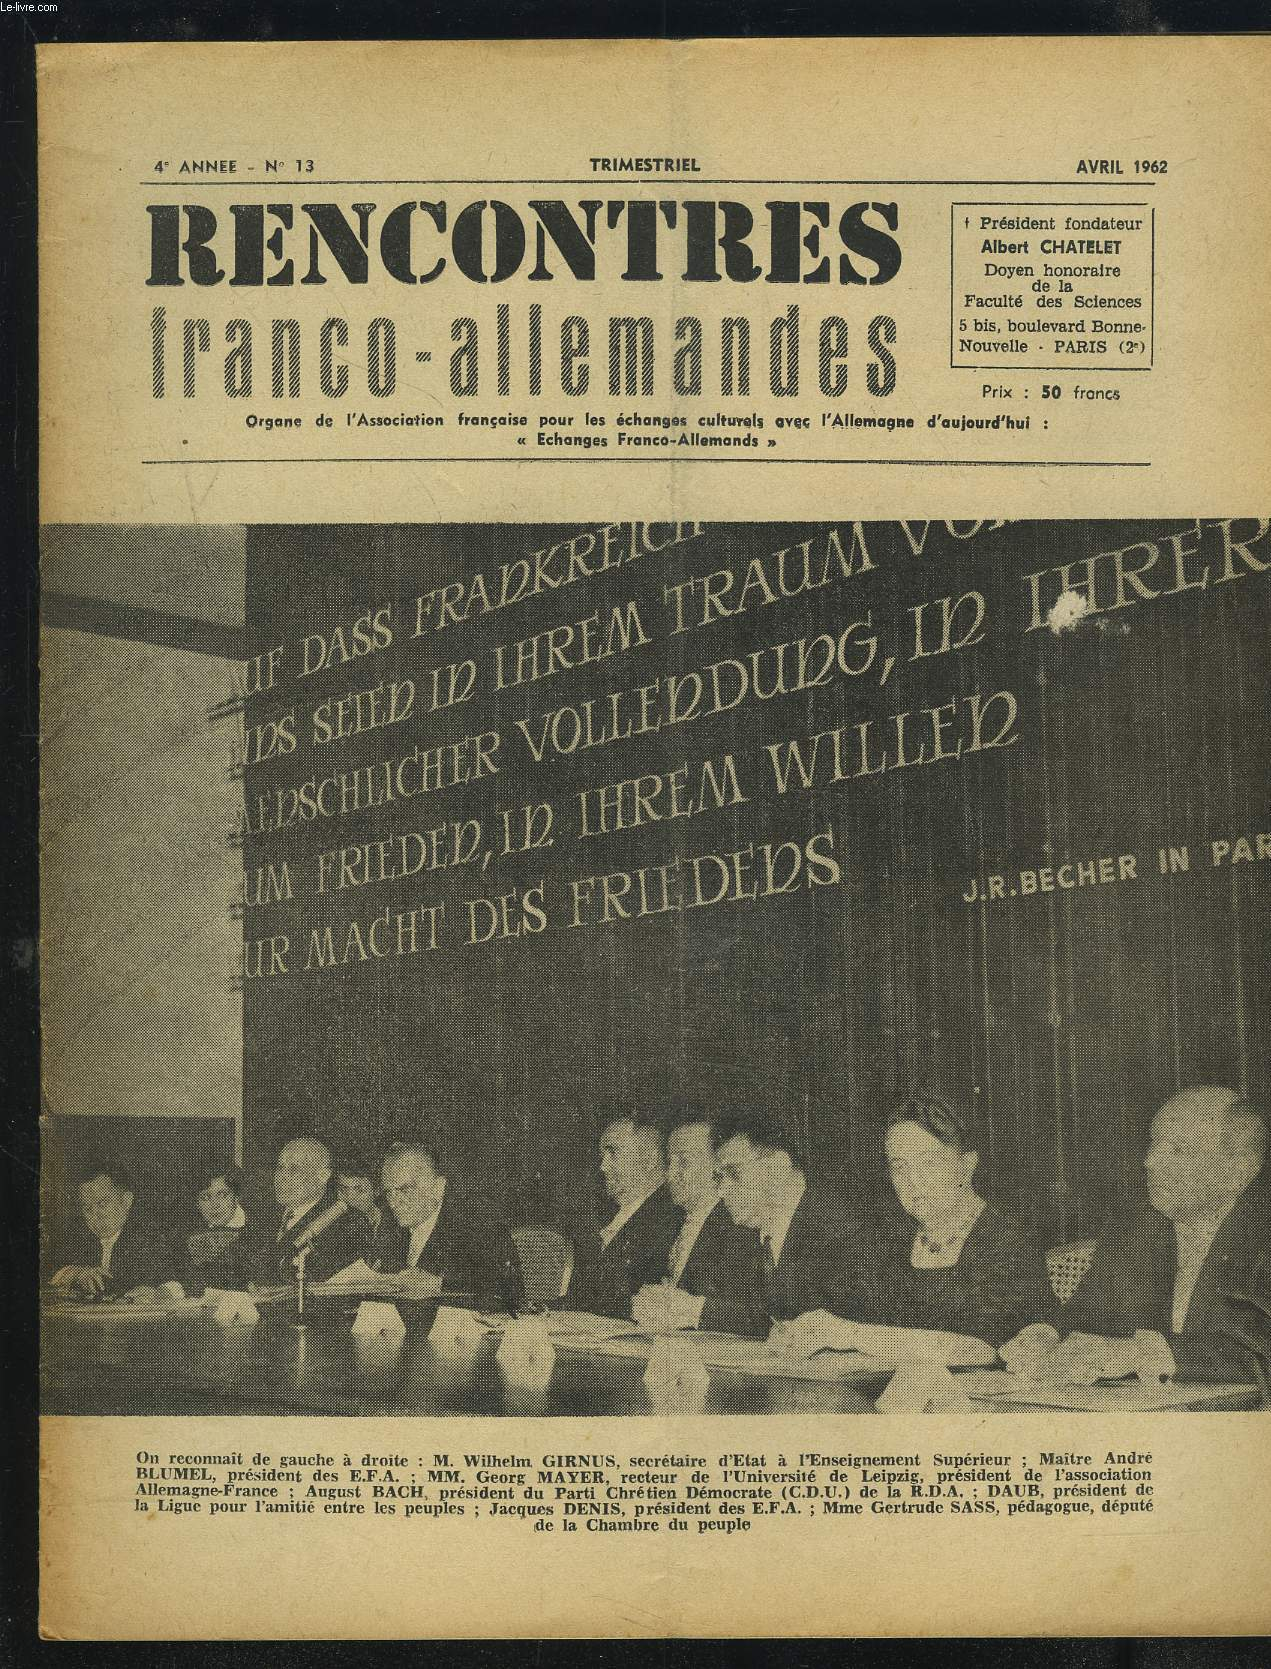 RENCONTRES FRANCO-ALLEMANDES - N°13 / 4° ANNEE AVRIL 1962 : CREATION DE L'ASSOCIATION ALLEMAGNE-FRANCE EN R.D.A. + COMPTE RENDU DE M. ROLAND LENOIR + RAPPORT DU PROFESSEUR GEORG MAYER...ETC.